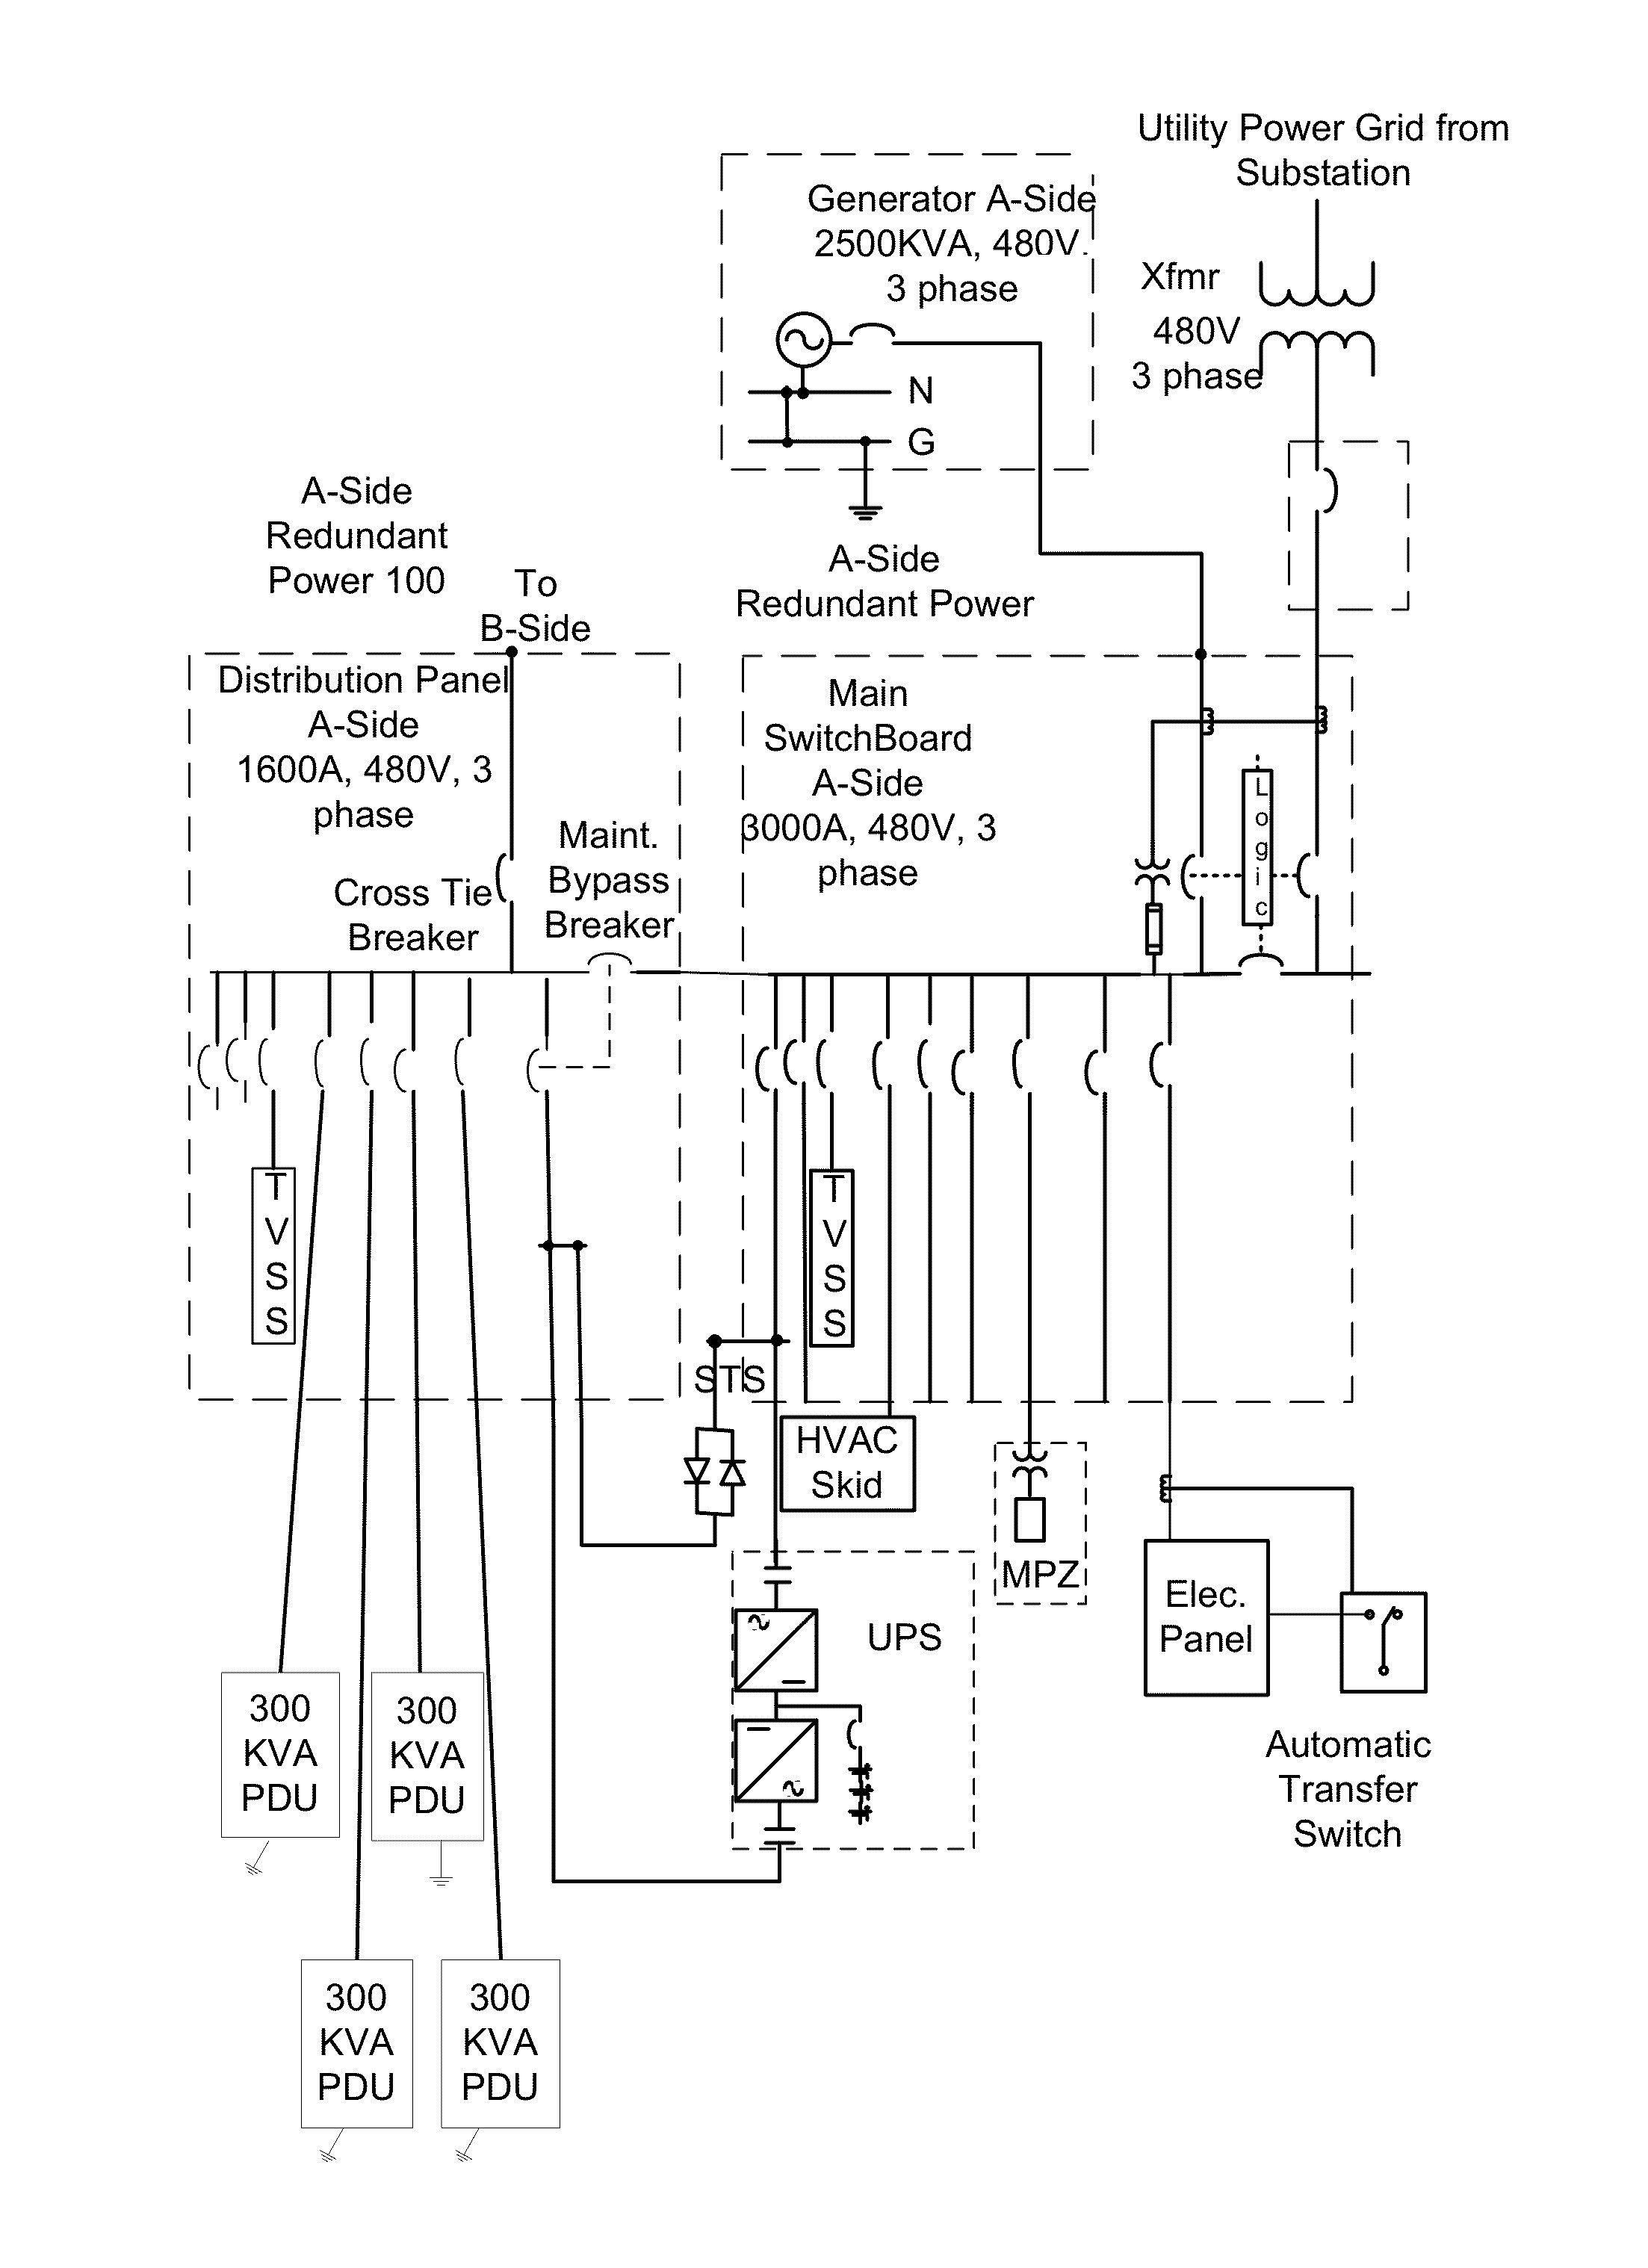 [DIAGRAM] Audi 80 Wiring Diagram